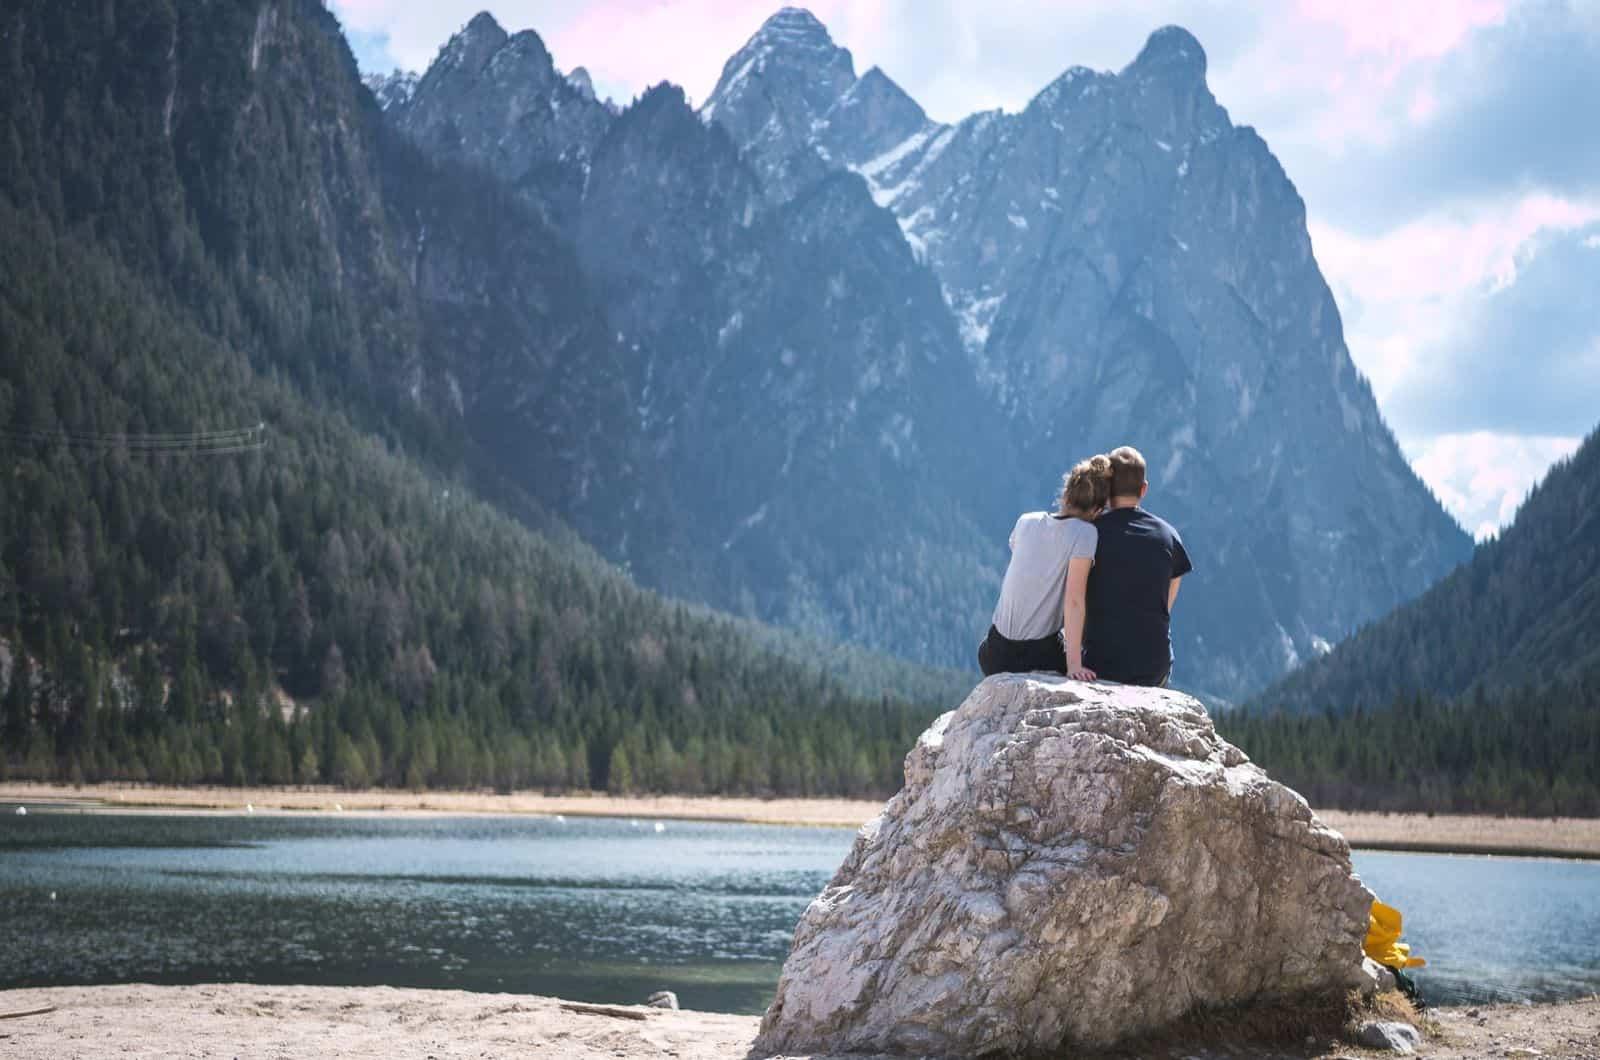 Paar sitzt auf einem Felsen in der Nähe des Sees